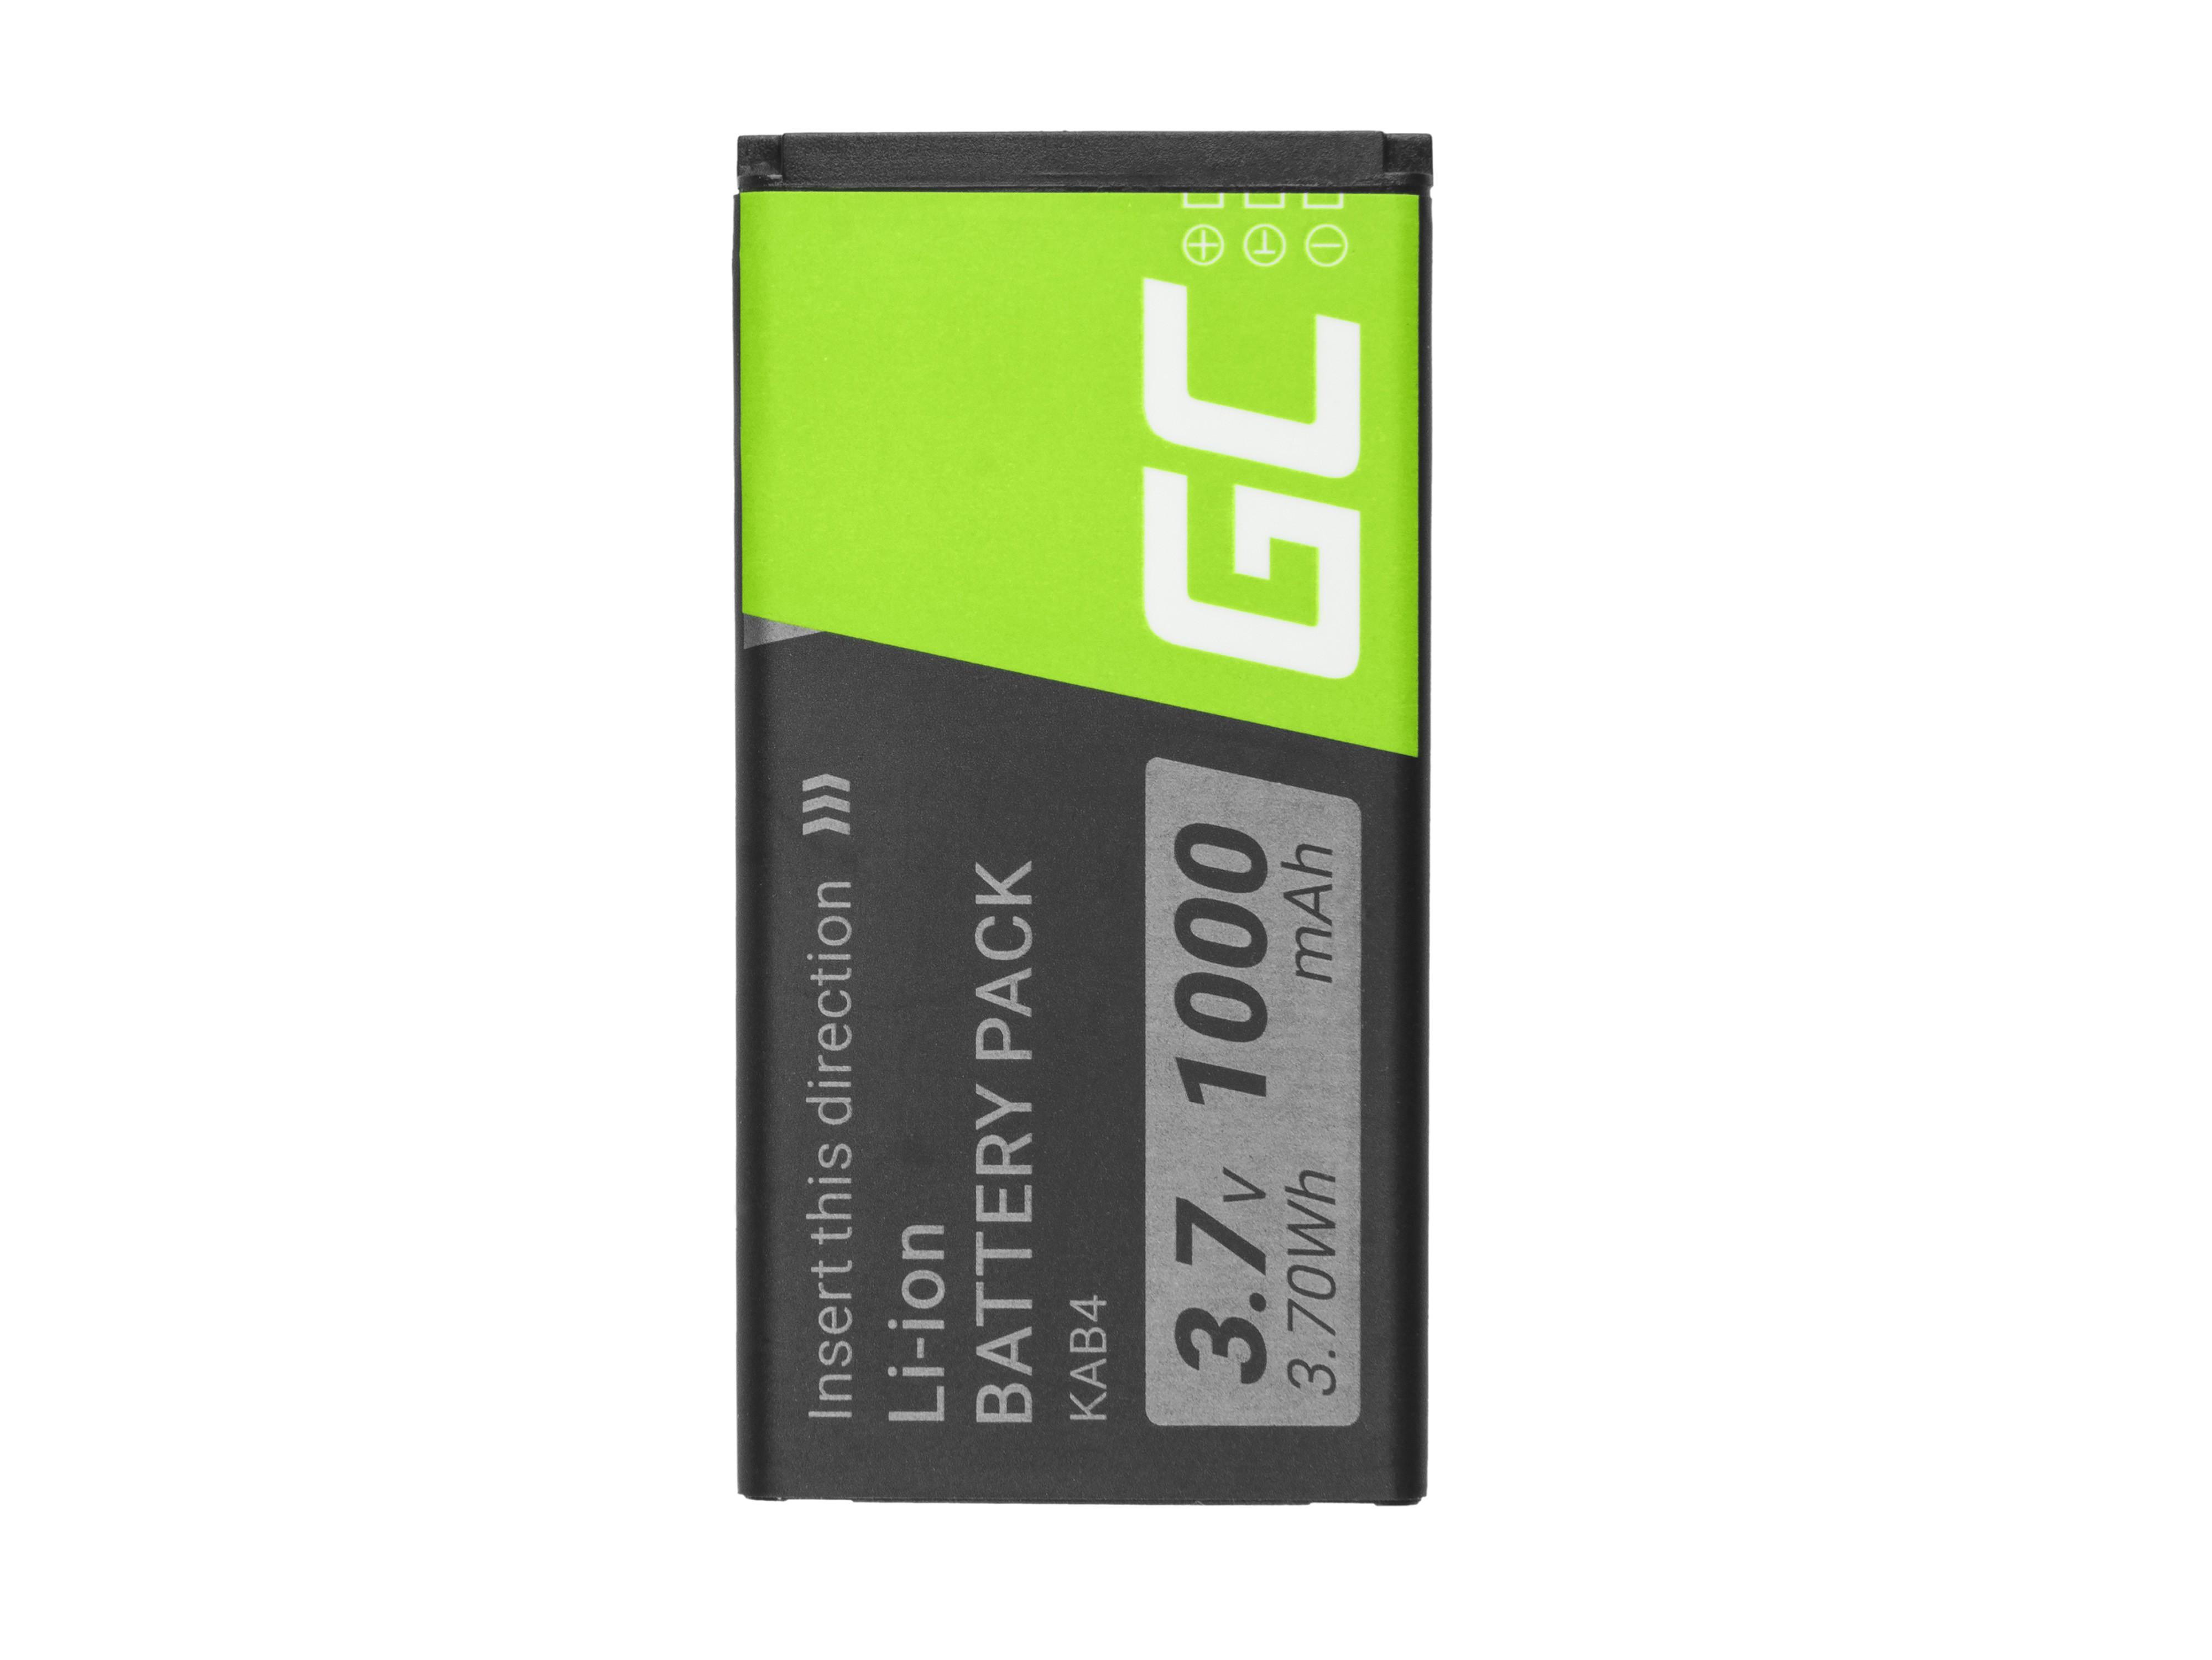 Green Cell KAB4 Telefon batteri för Kazam Life B4 Maxcom MM720